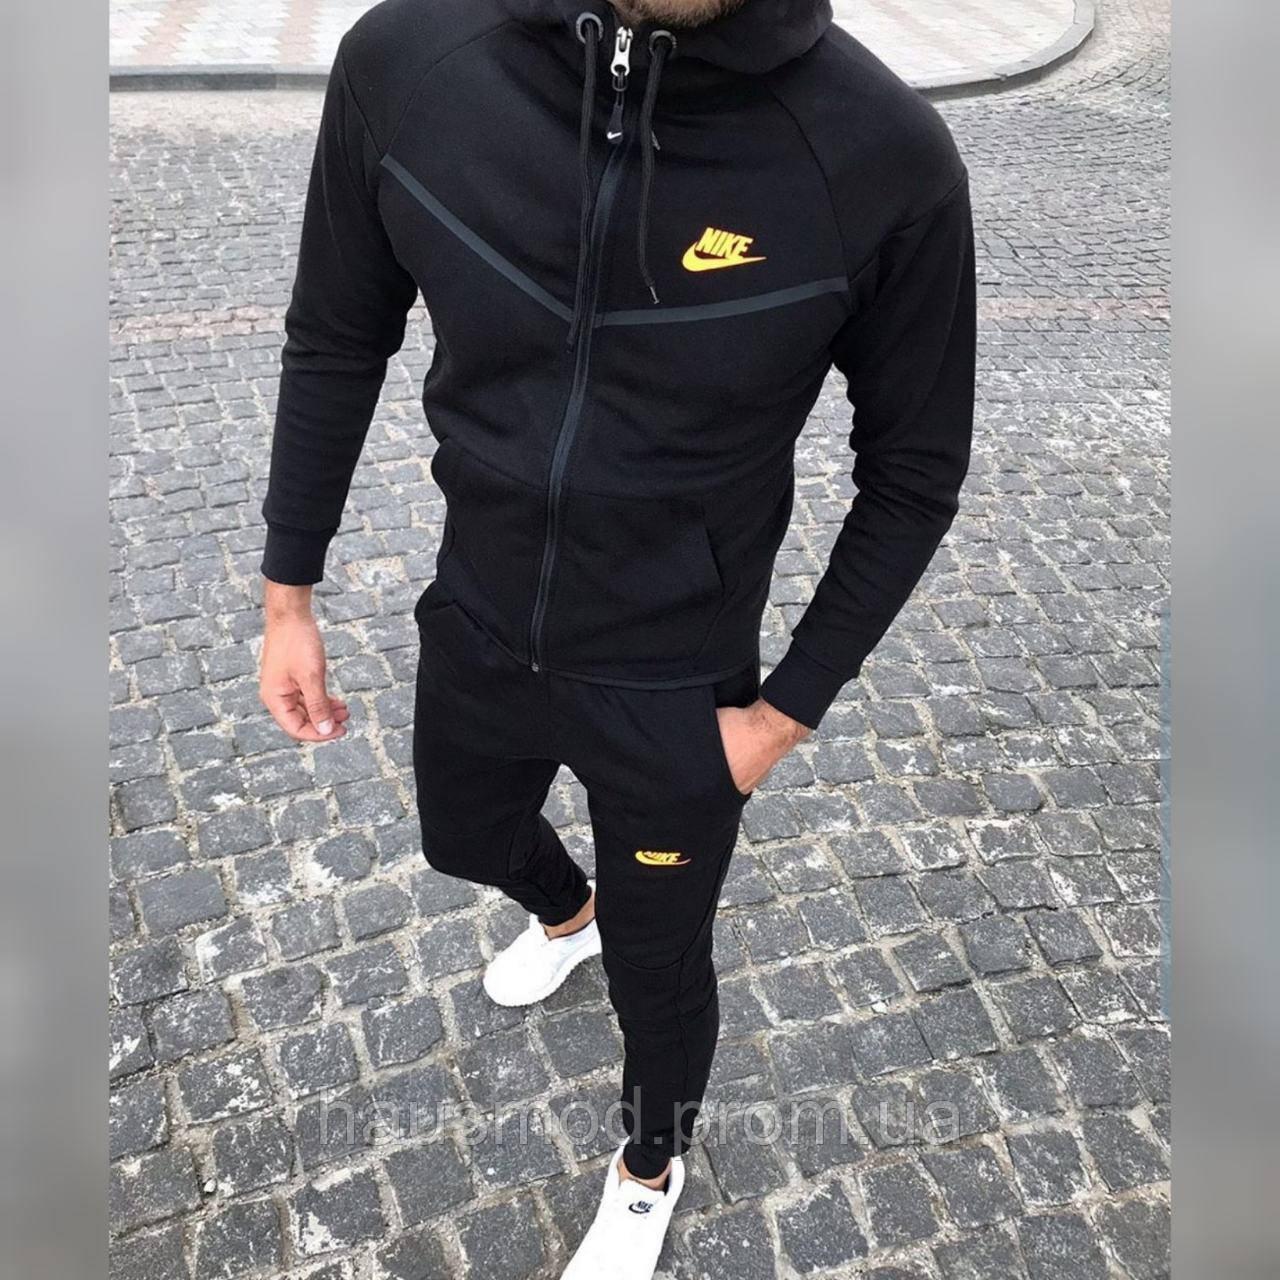 Мужской спортивный костюм Осень Зима Турция ткань 3-х нить тёплый цвет черный